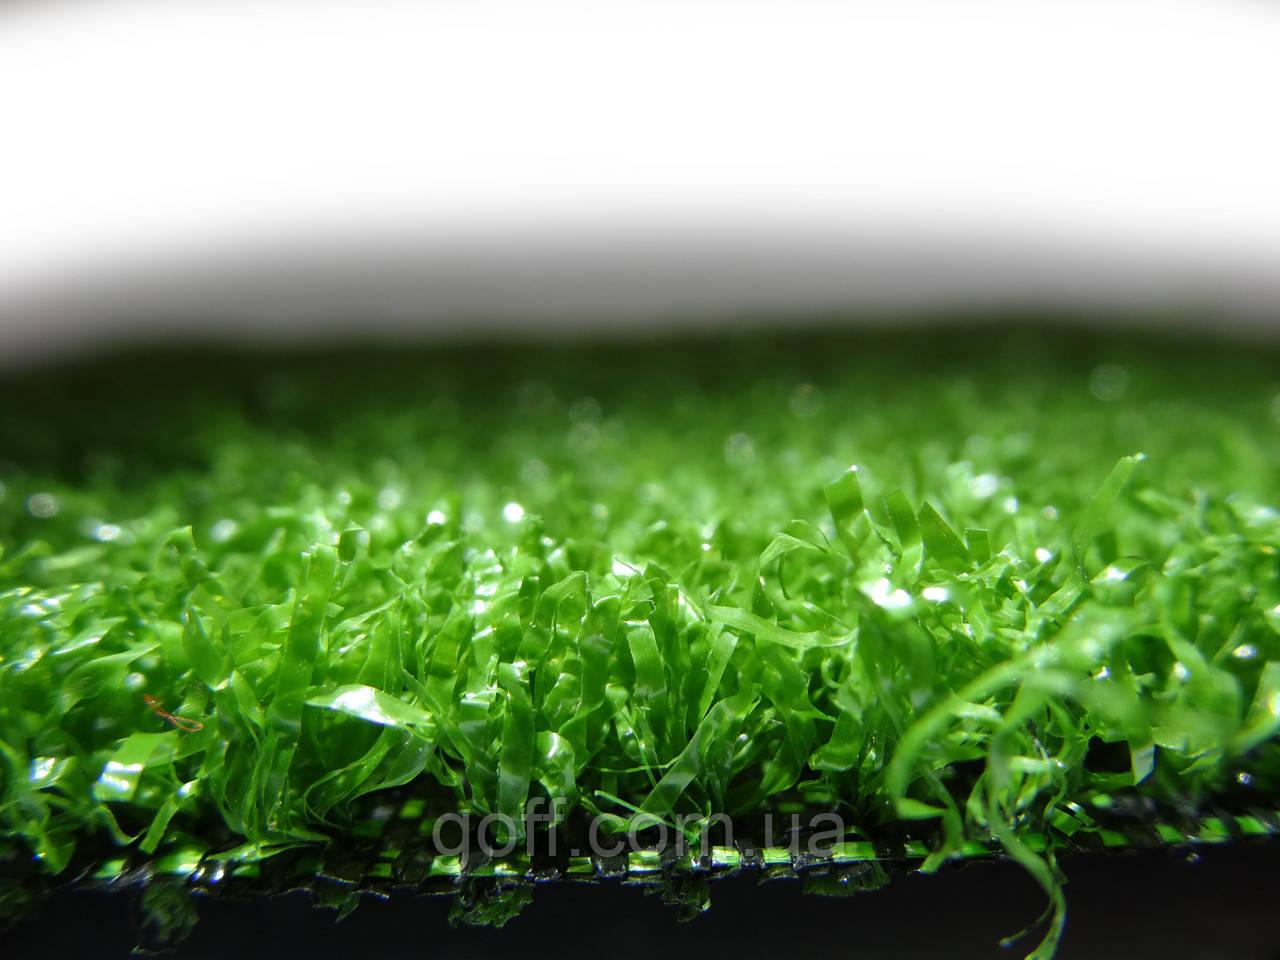 Декоративное зеленое покрытие 12мм